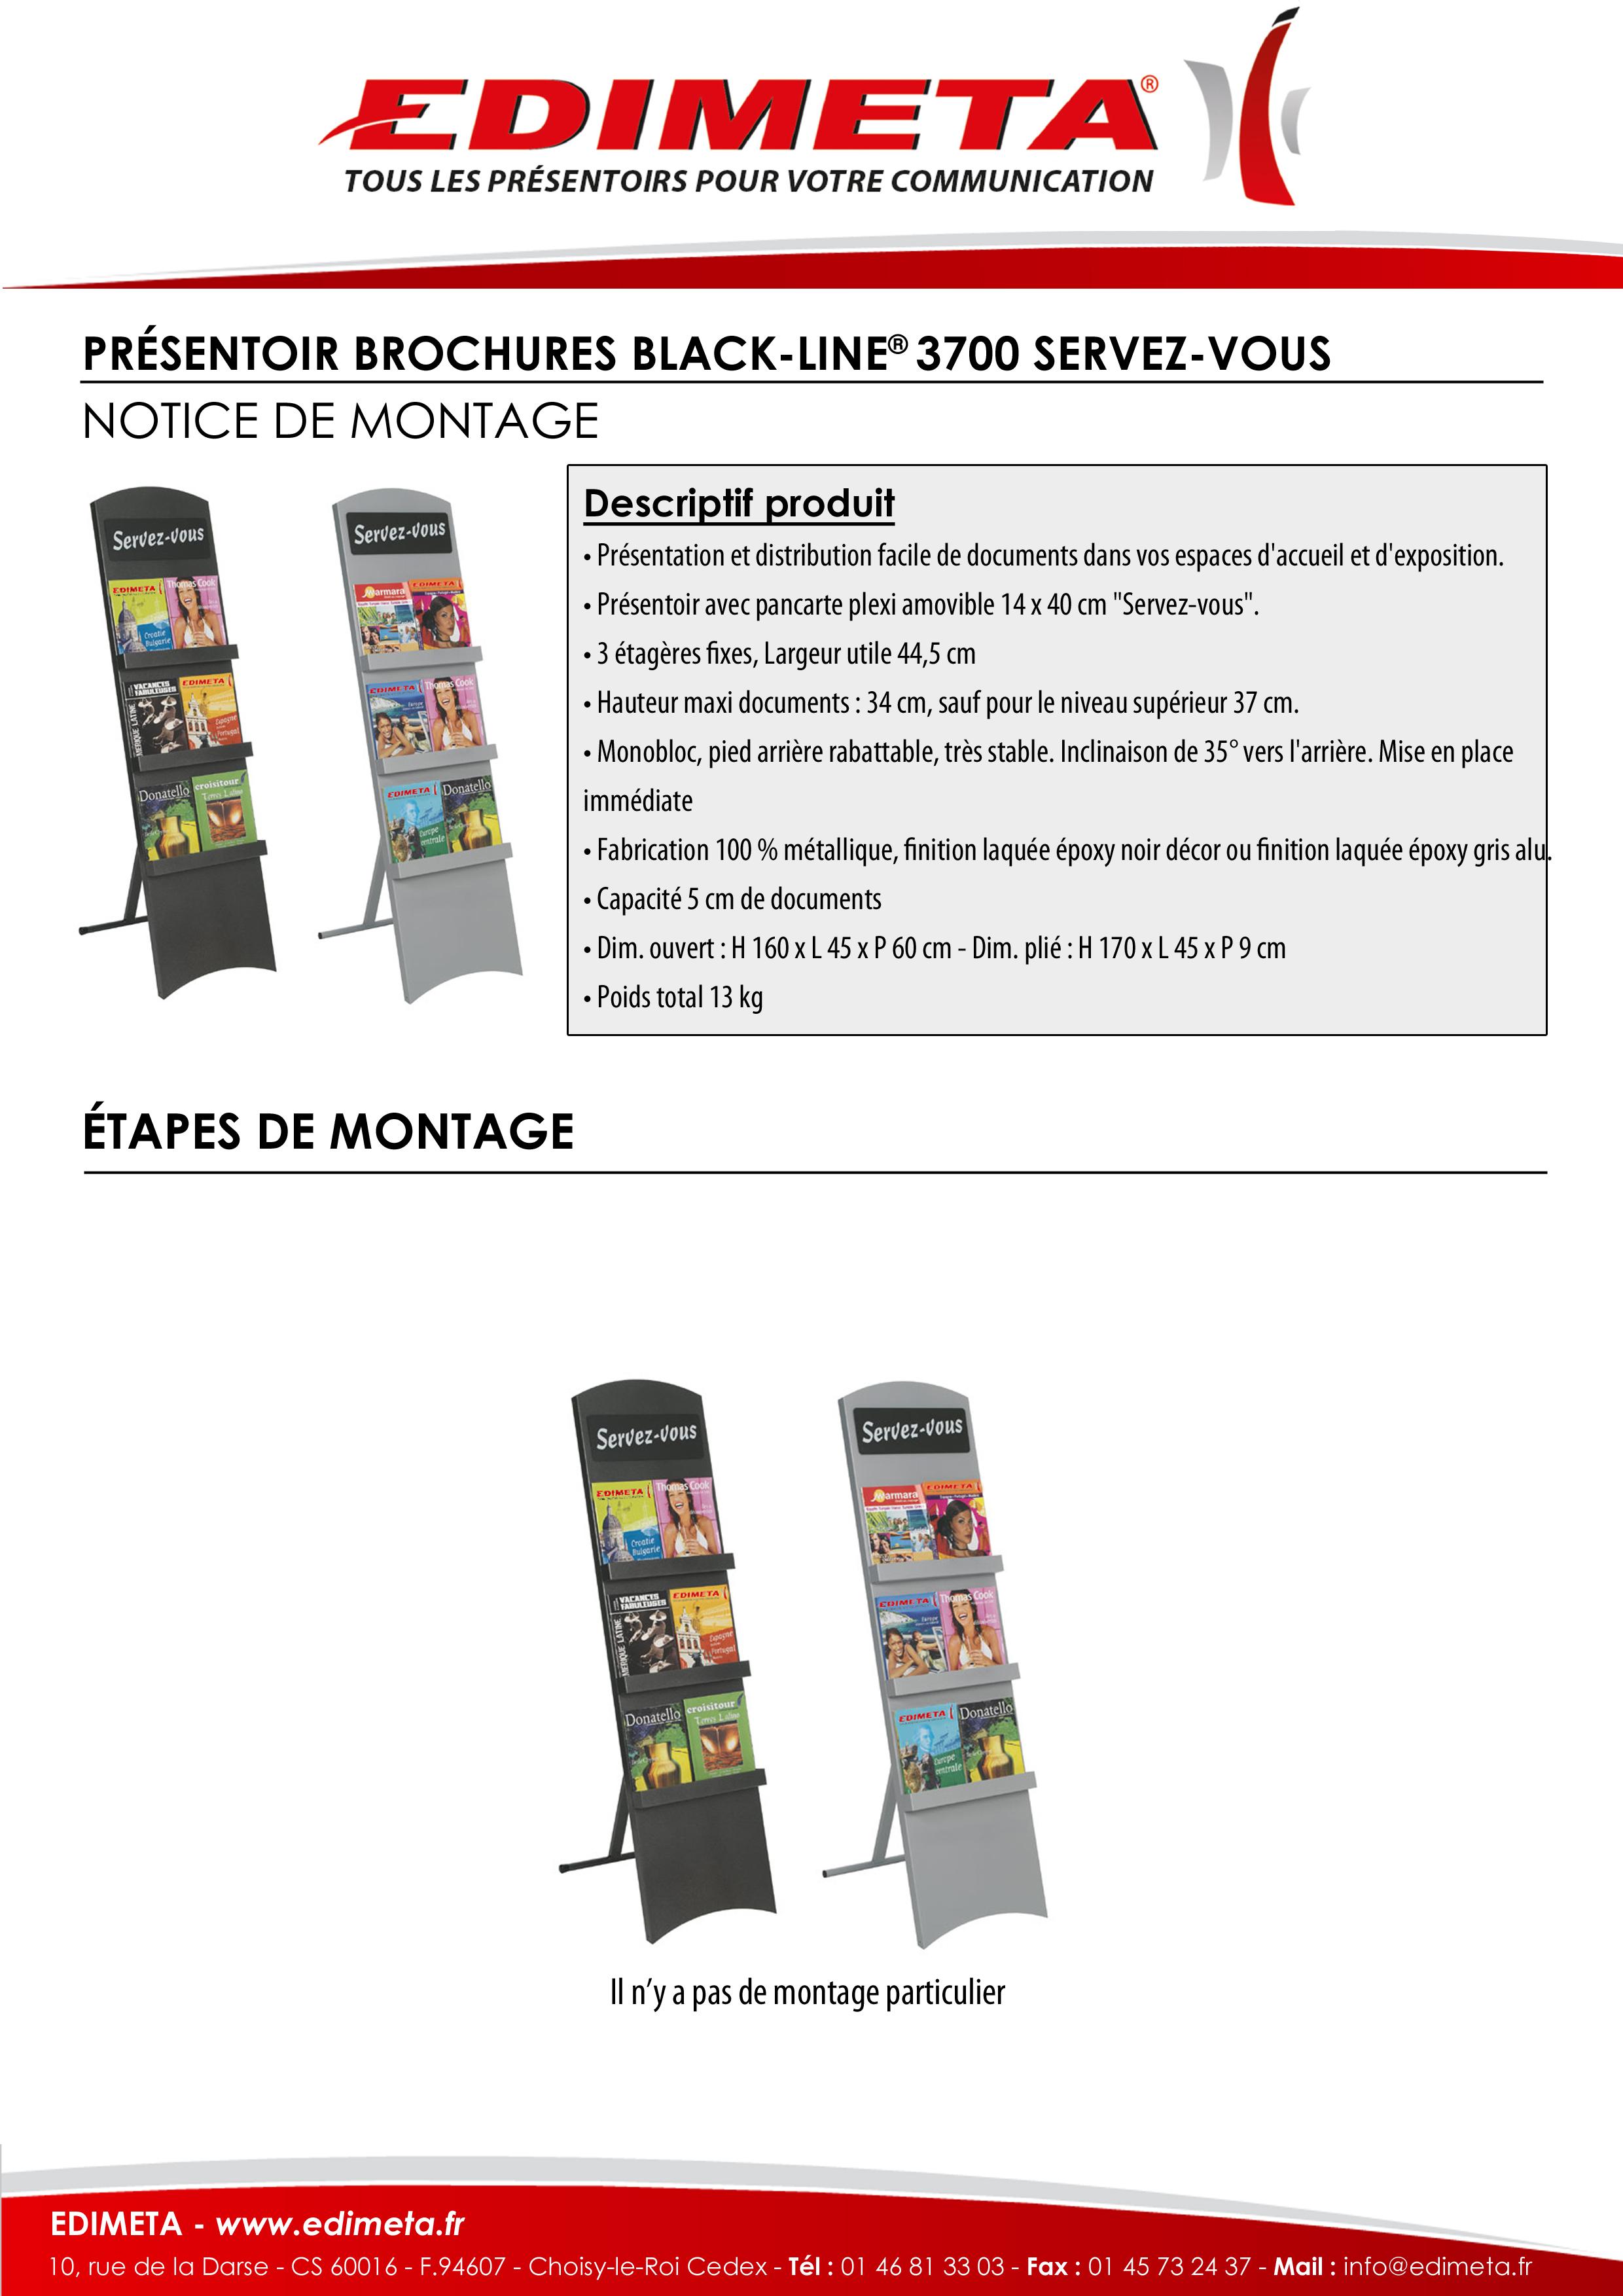 NOTICE DE MONTAGE : PRÉSENTOIR BROCHURES BLACK-LINE® 3700 SERVEZ-VOUS